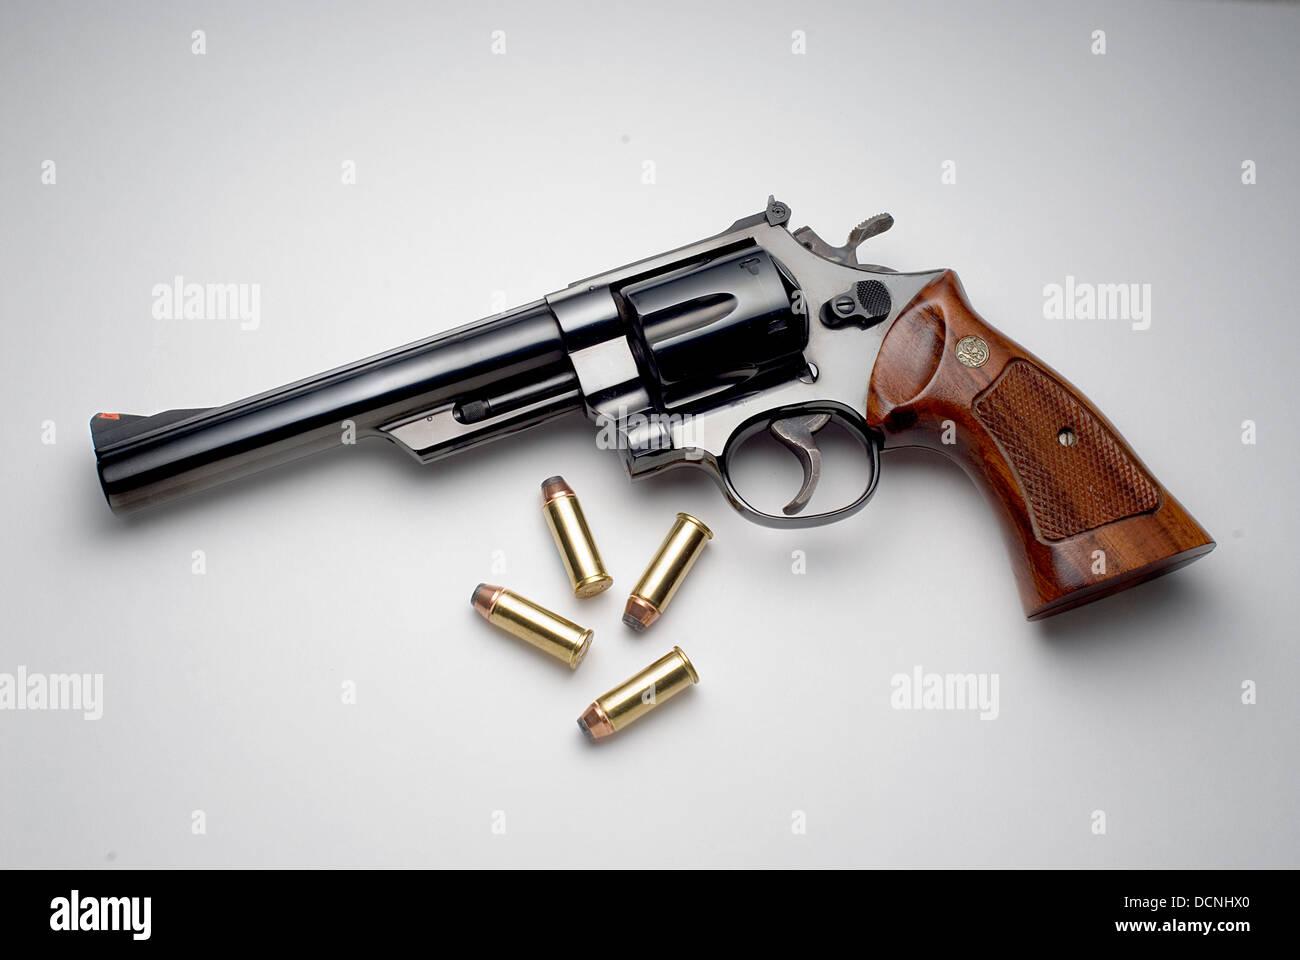 gun - Stock Image